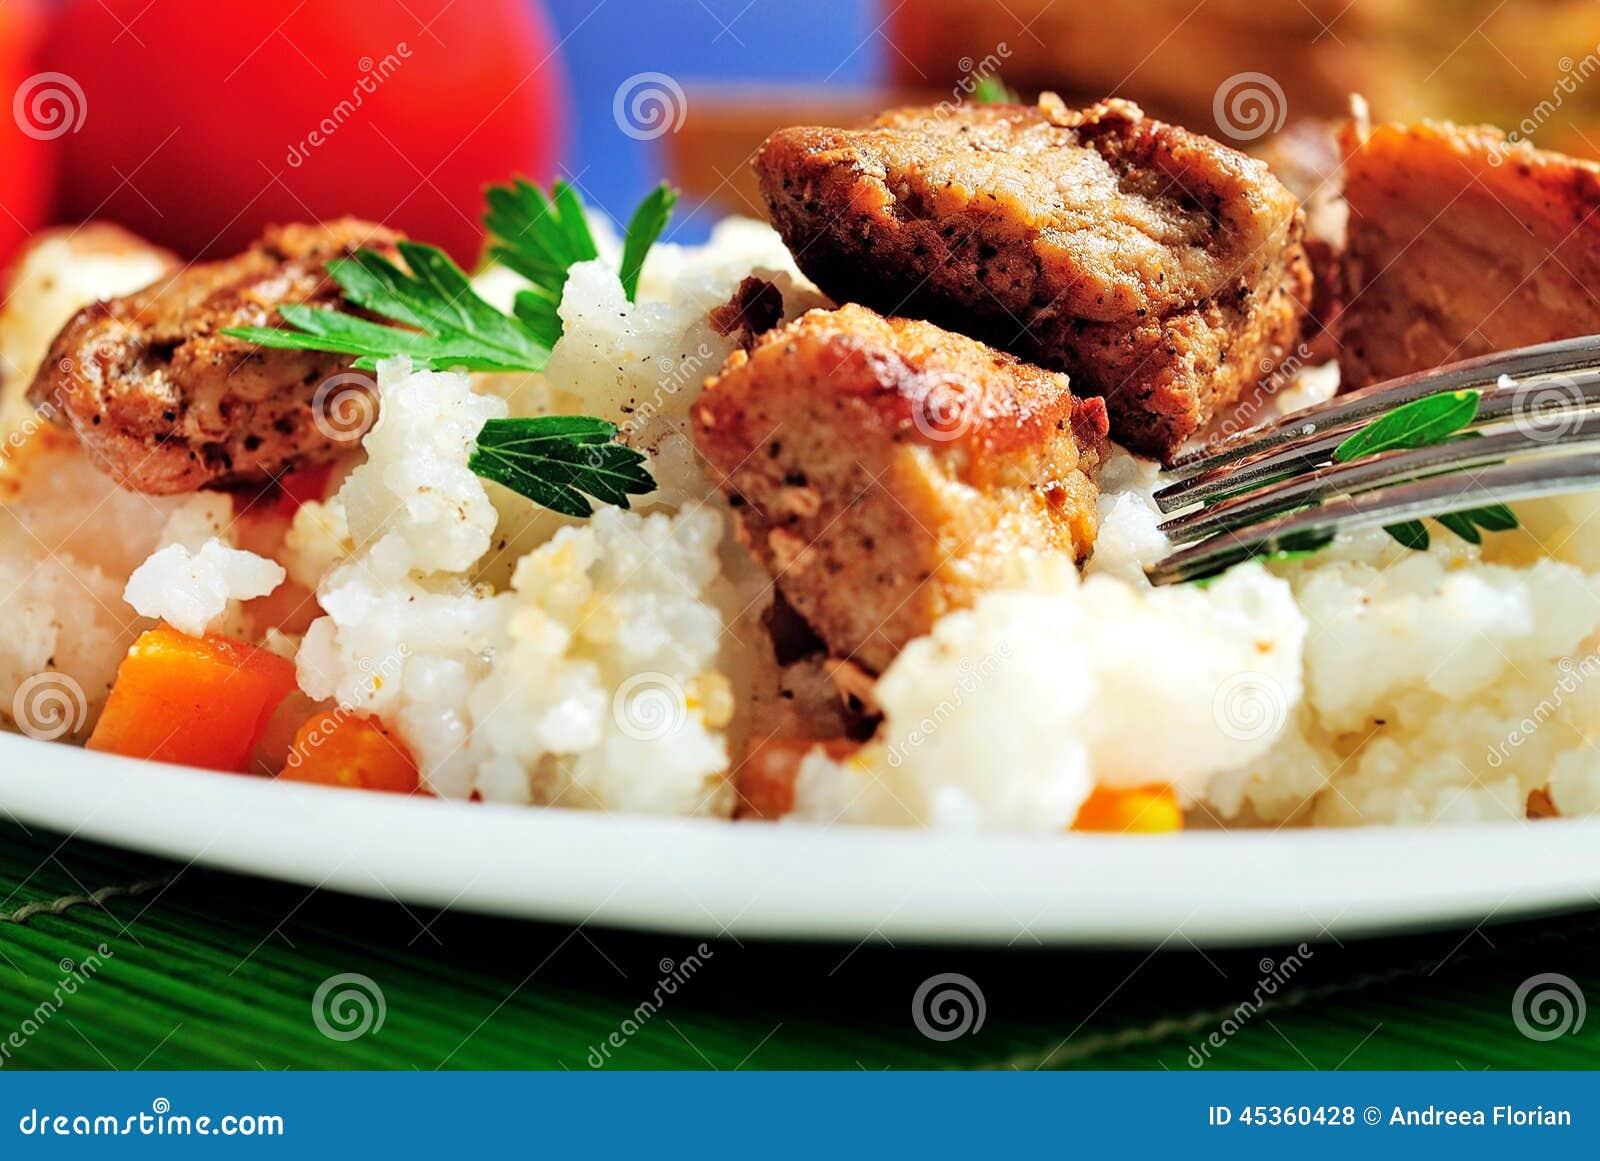 Risotto con la carne